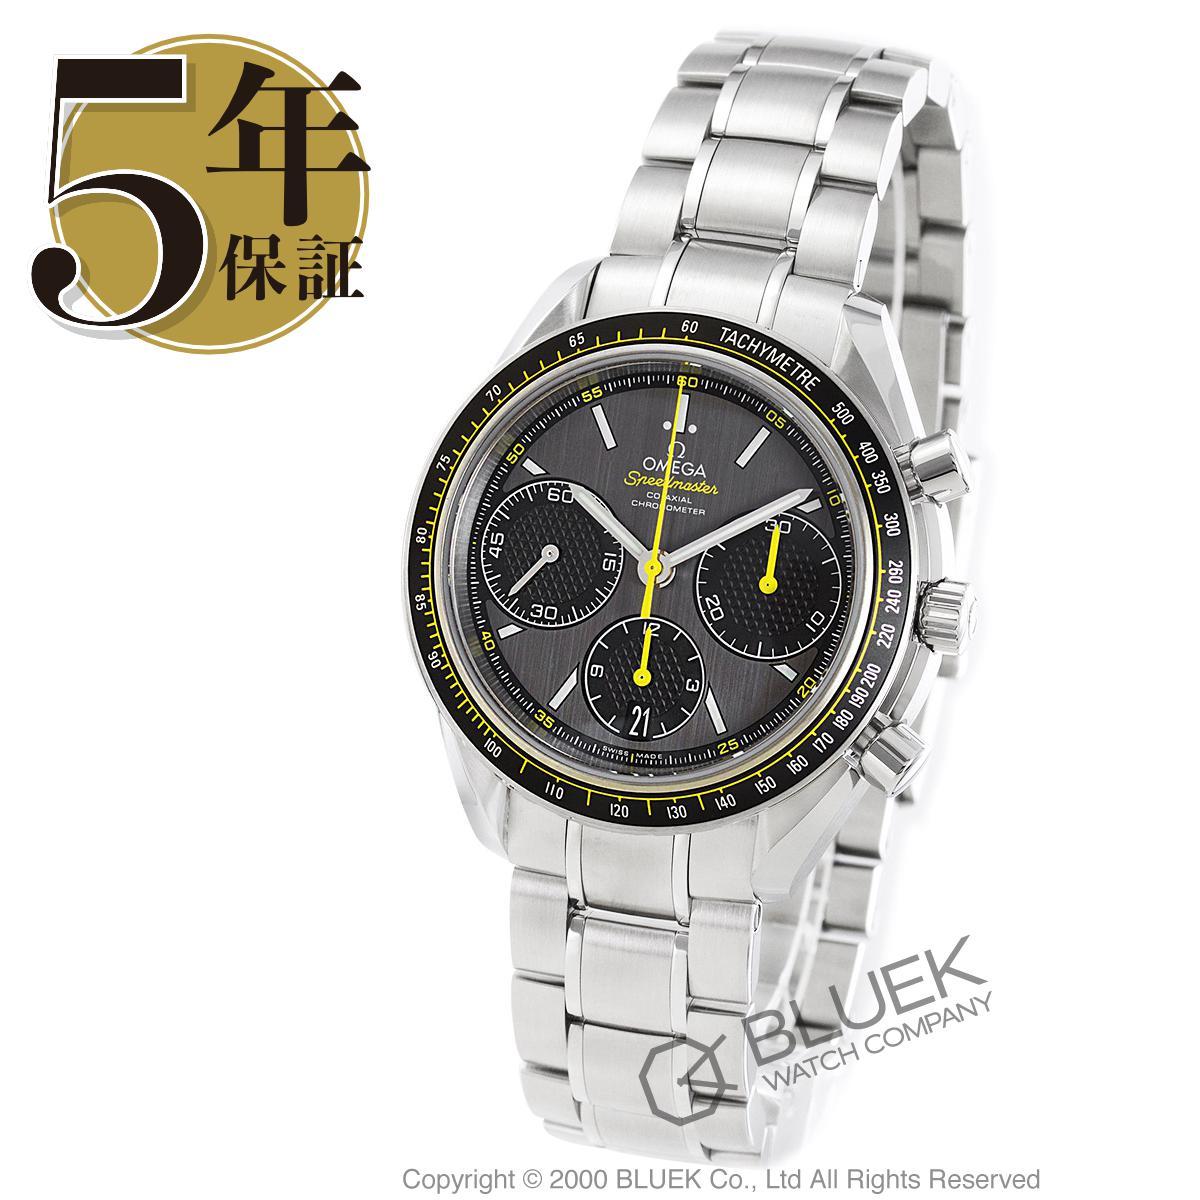 【3,000円OFFクーポン対象】オメガ スピードマスター レーシング クロノグラフ 腕時計 メンズ OMEGA 326.30.40.50.06.001_8